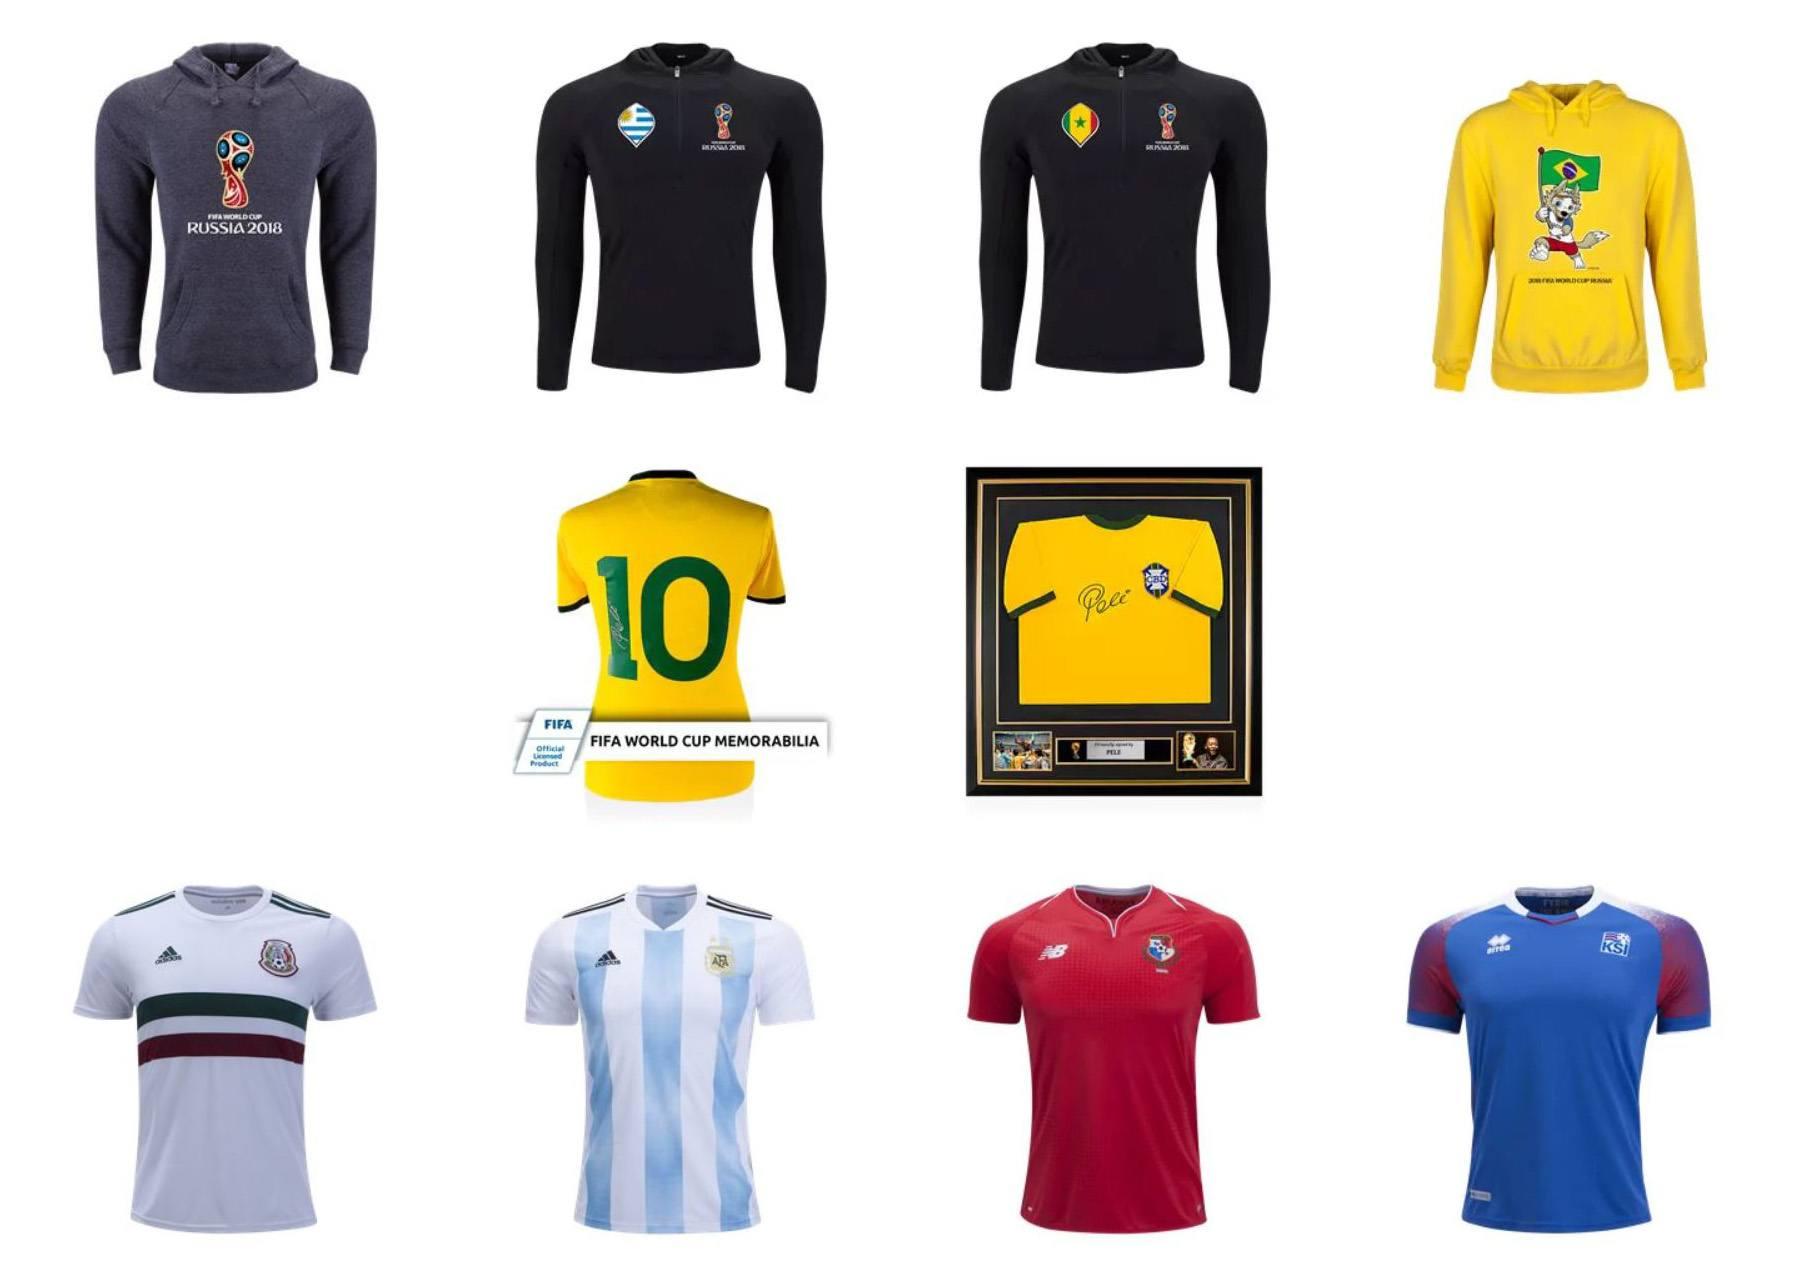 블루스택에서 게임하고 2018 월드컵 공식 굿즈를 받아보세요!